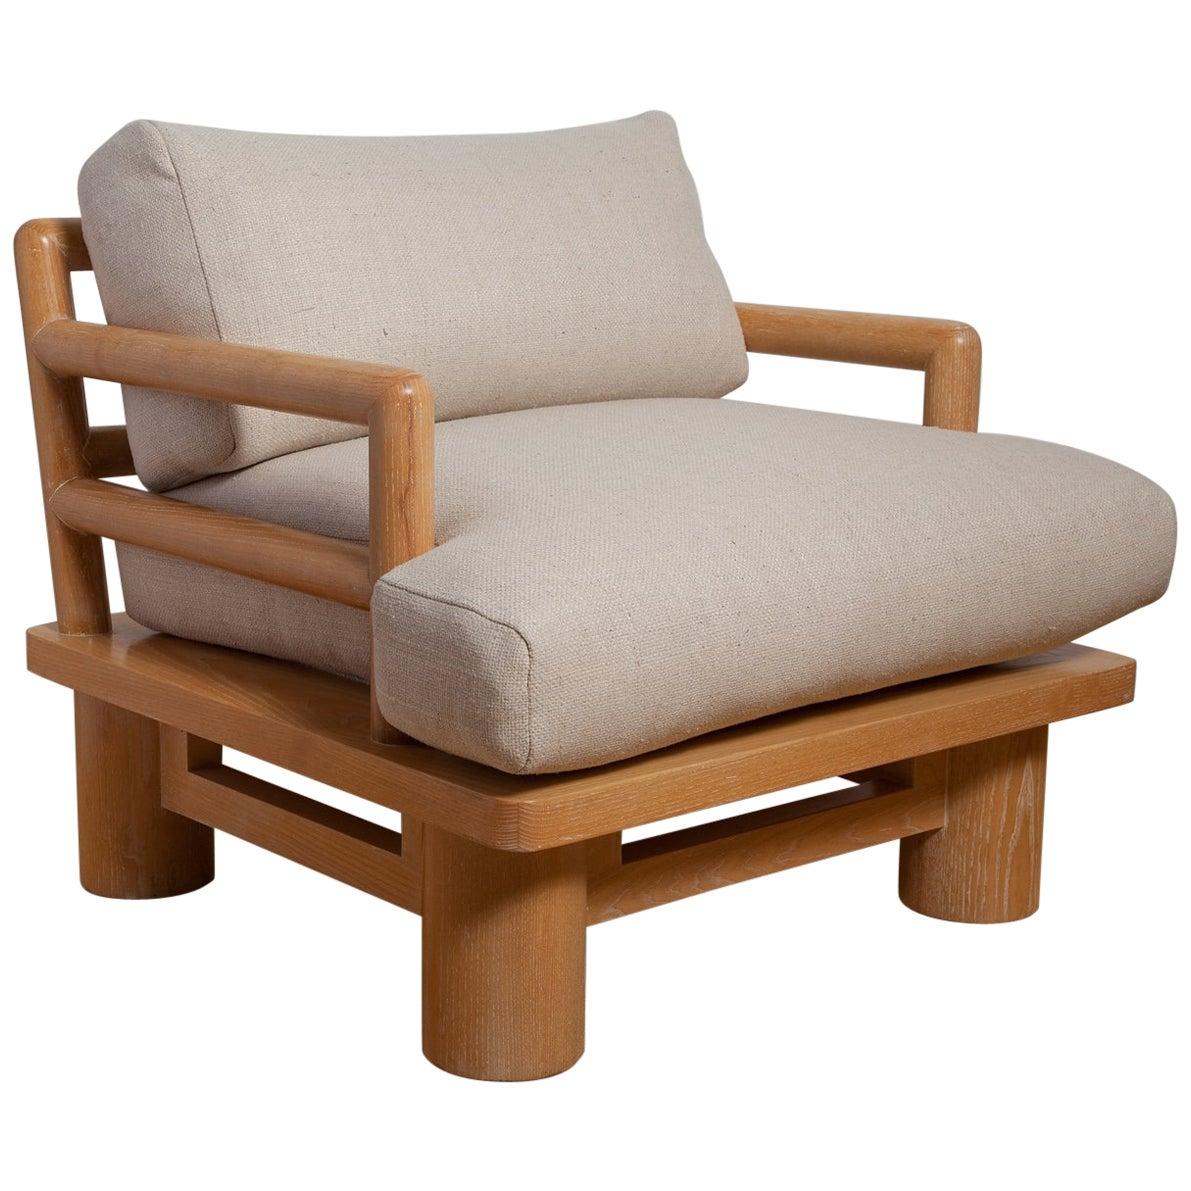 Pair of Karl Springer Cerused Oak Dowelwood Chairs